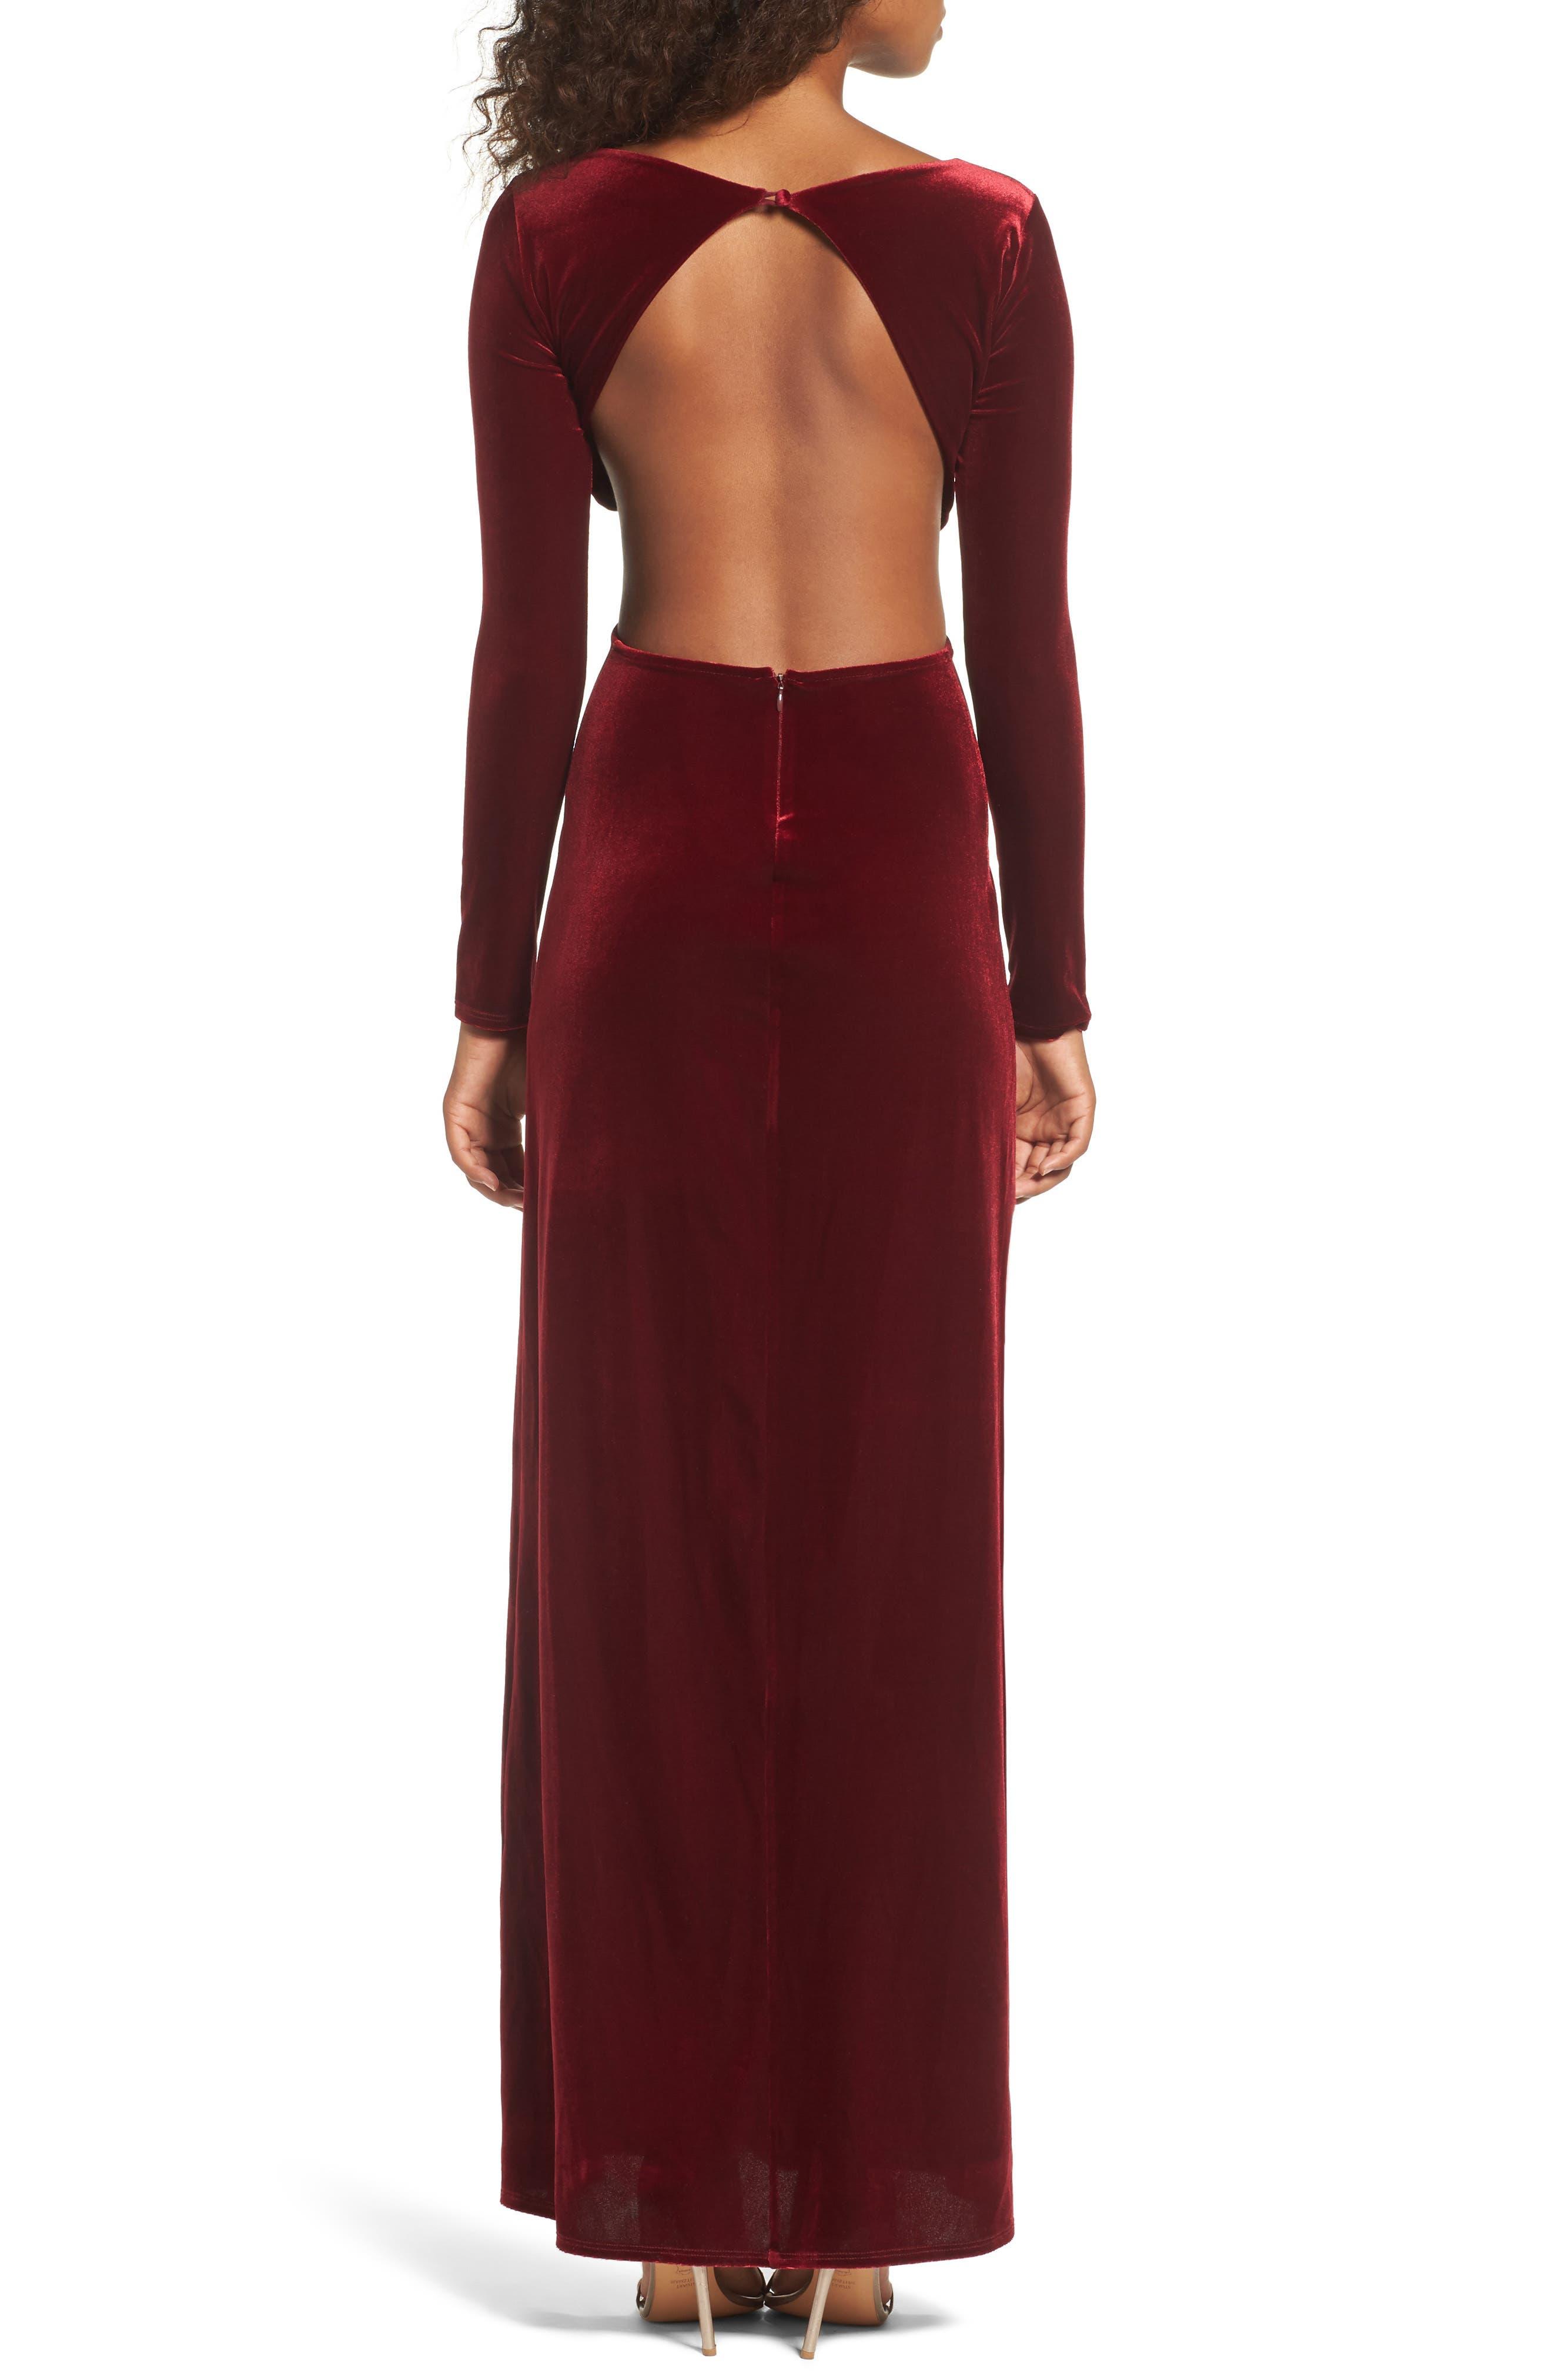 Besame Long Sleeve Velvet Maxi Dress,                             Alternate thumbnail 2, color,                             620